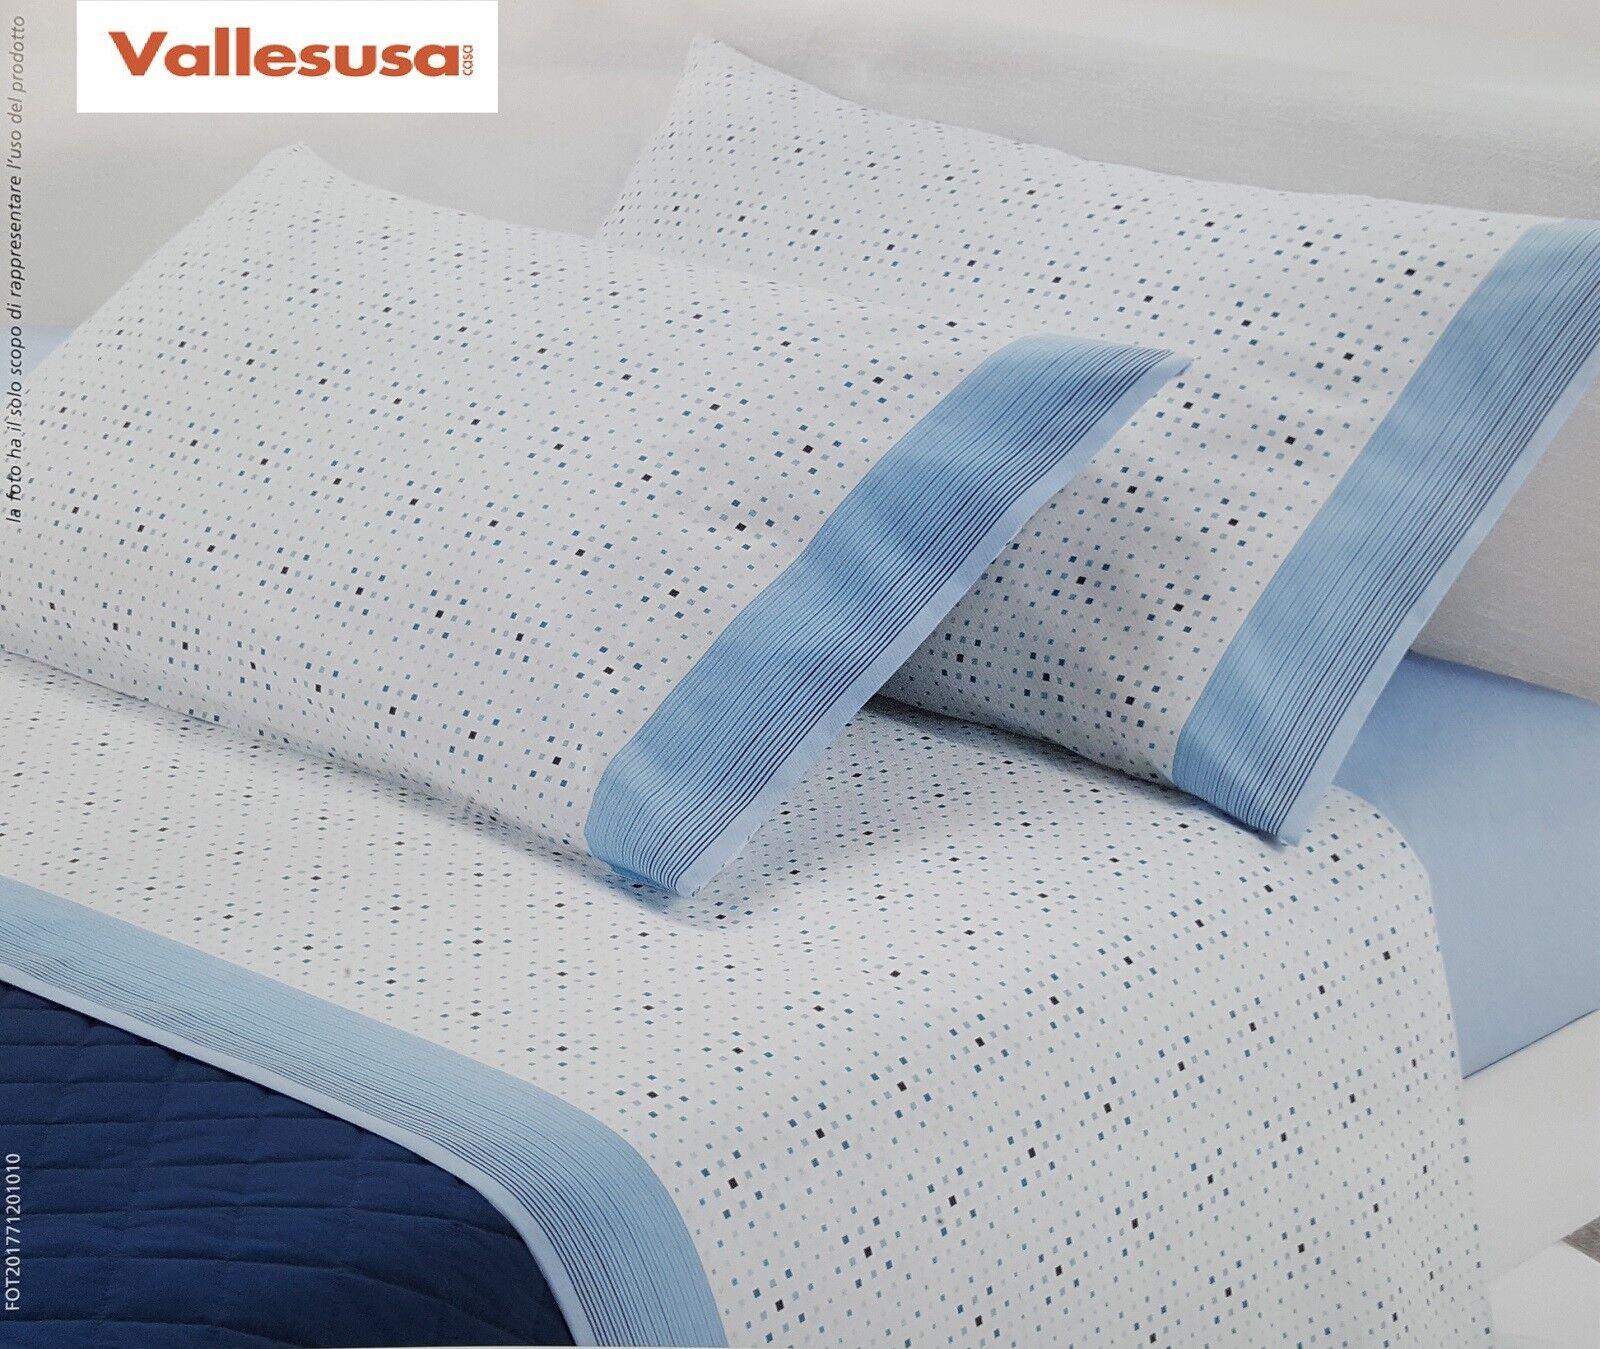 Vallesusa. Set Bett Maxi Mirage, Blätter Baumwolle. Hochzeits-, 2,5 Plätze